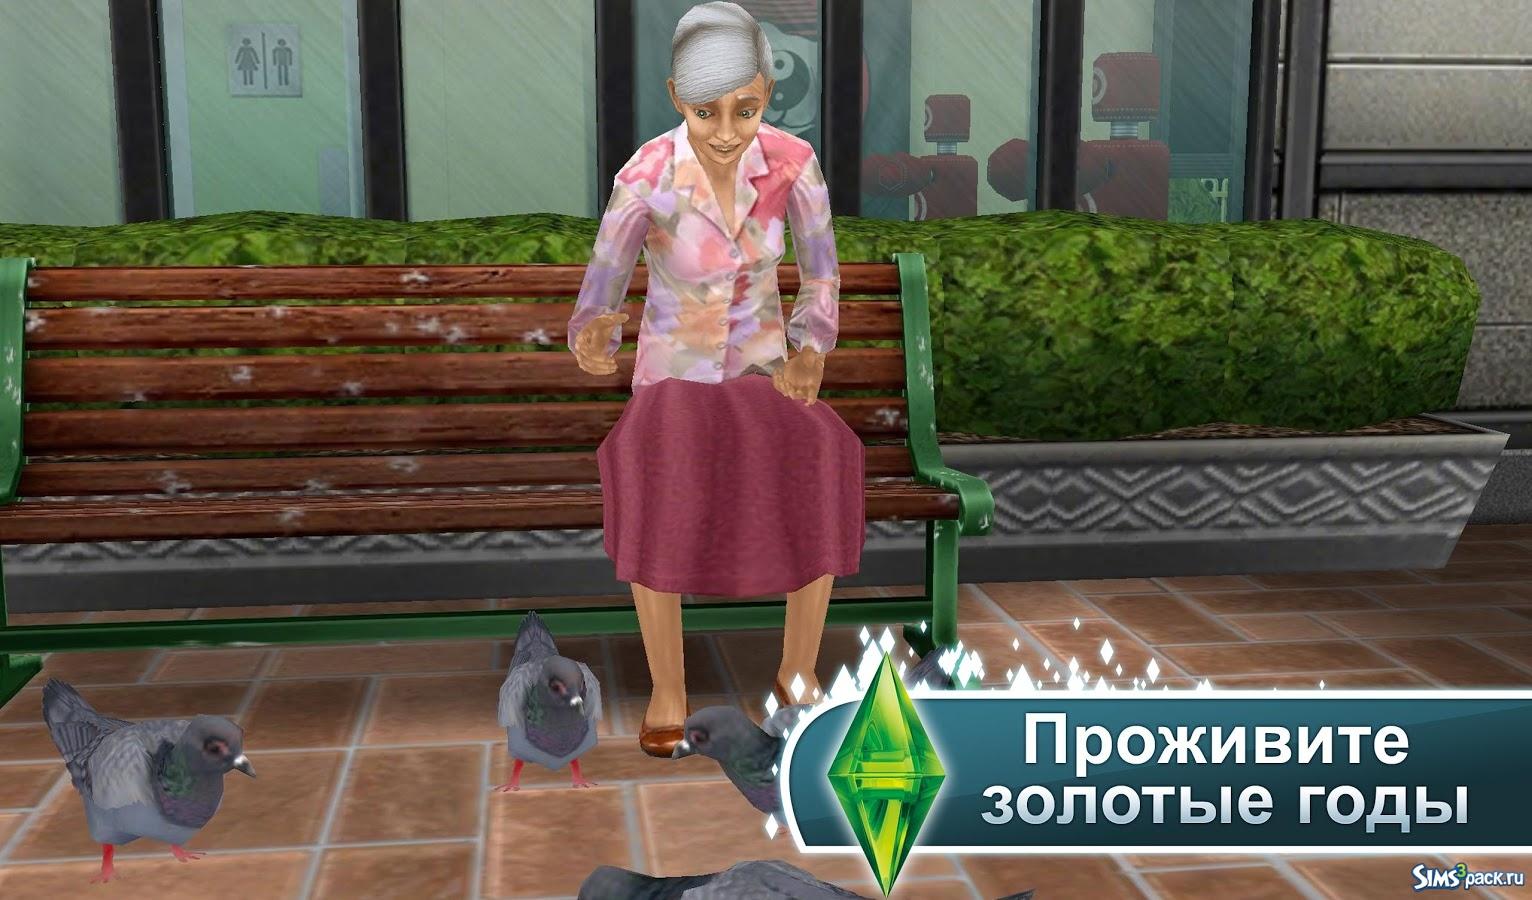 Скачать sims 3 на windows 8 - 1a0